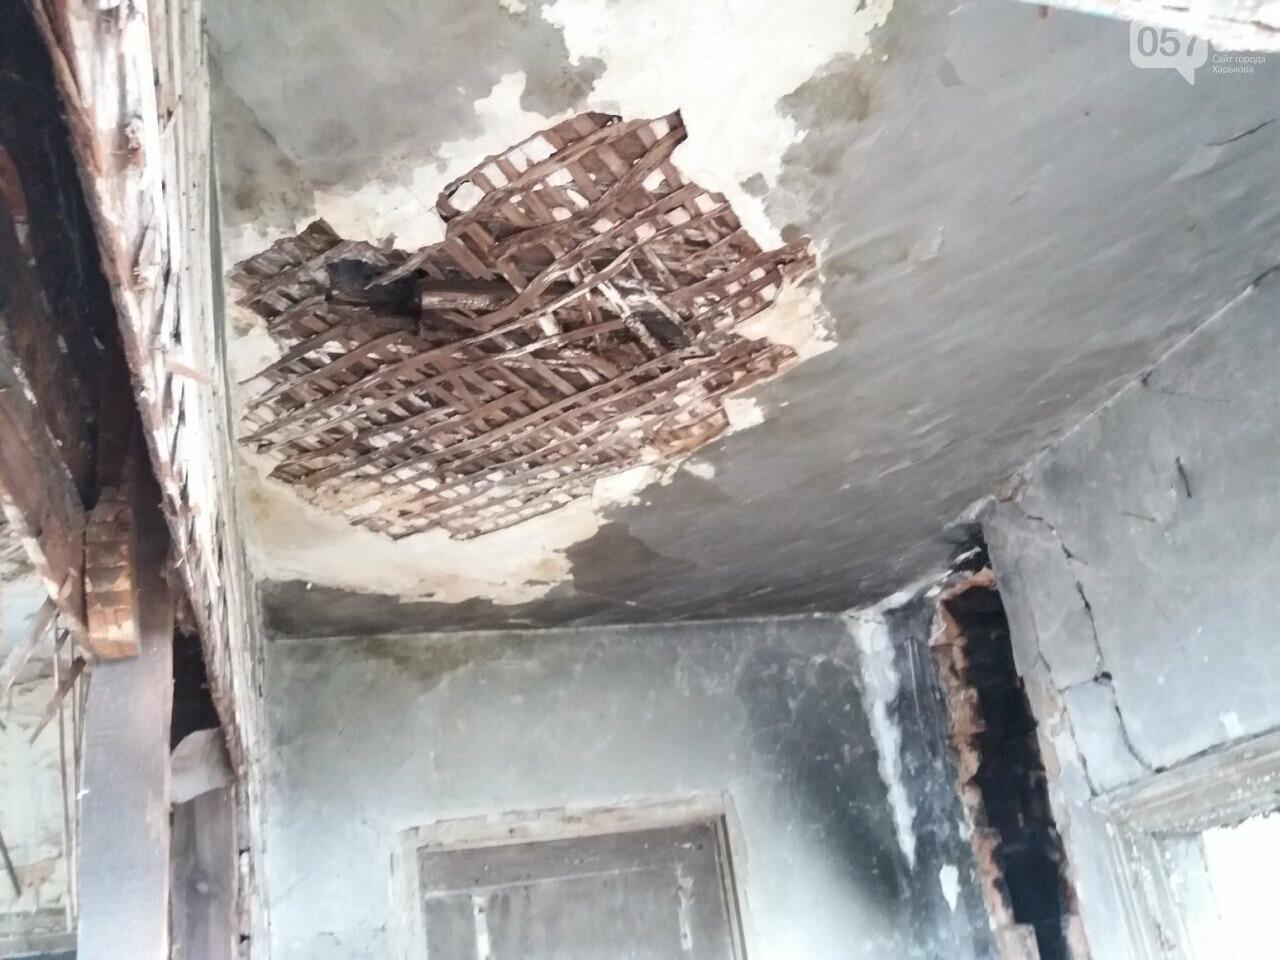 10 лет без ремонта: почему в Харькове не спешат восстанавливать аварийный дом, - ФОТО, фото-3